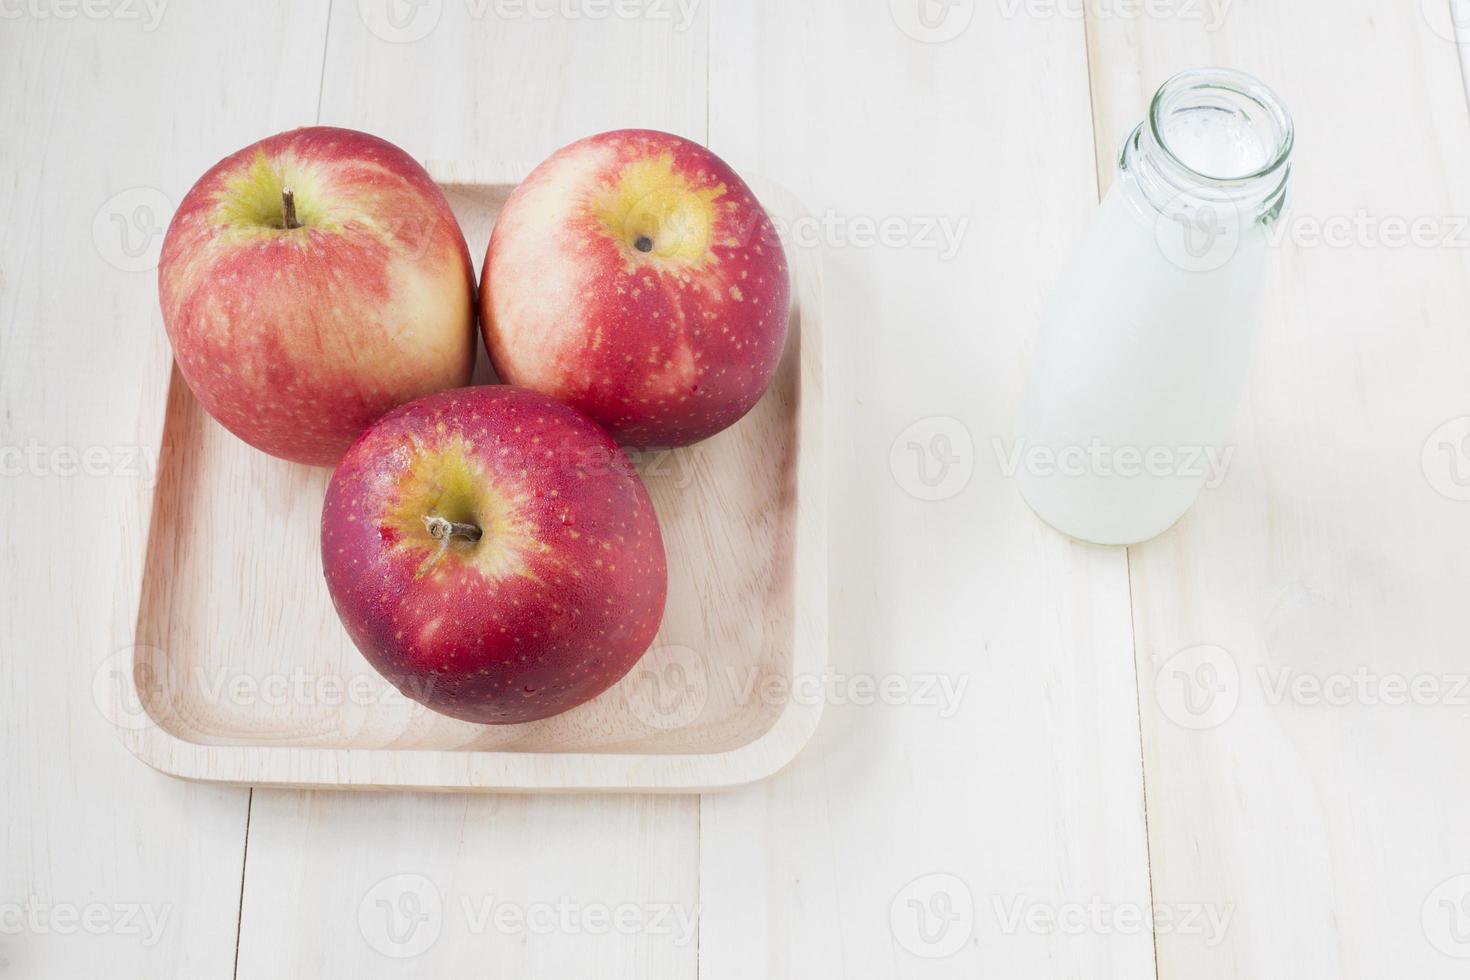 manzana y leche en botella sobre fondo de madera foto